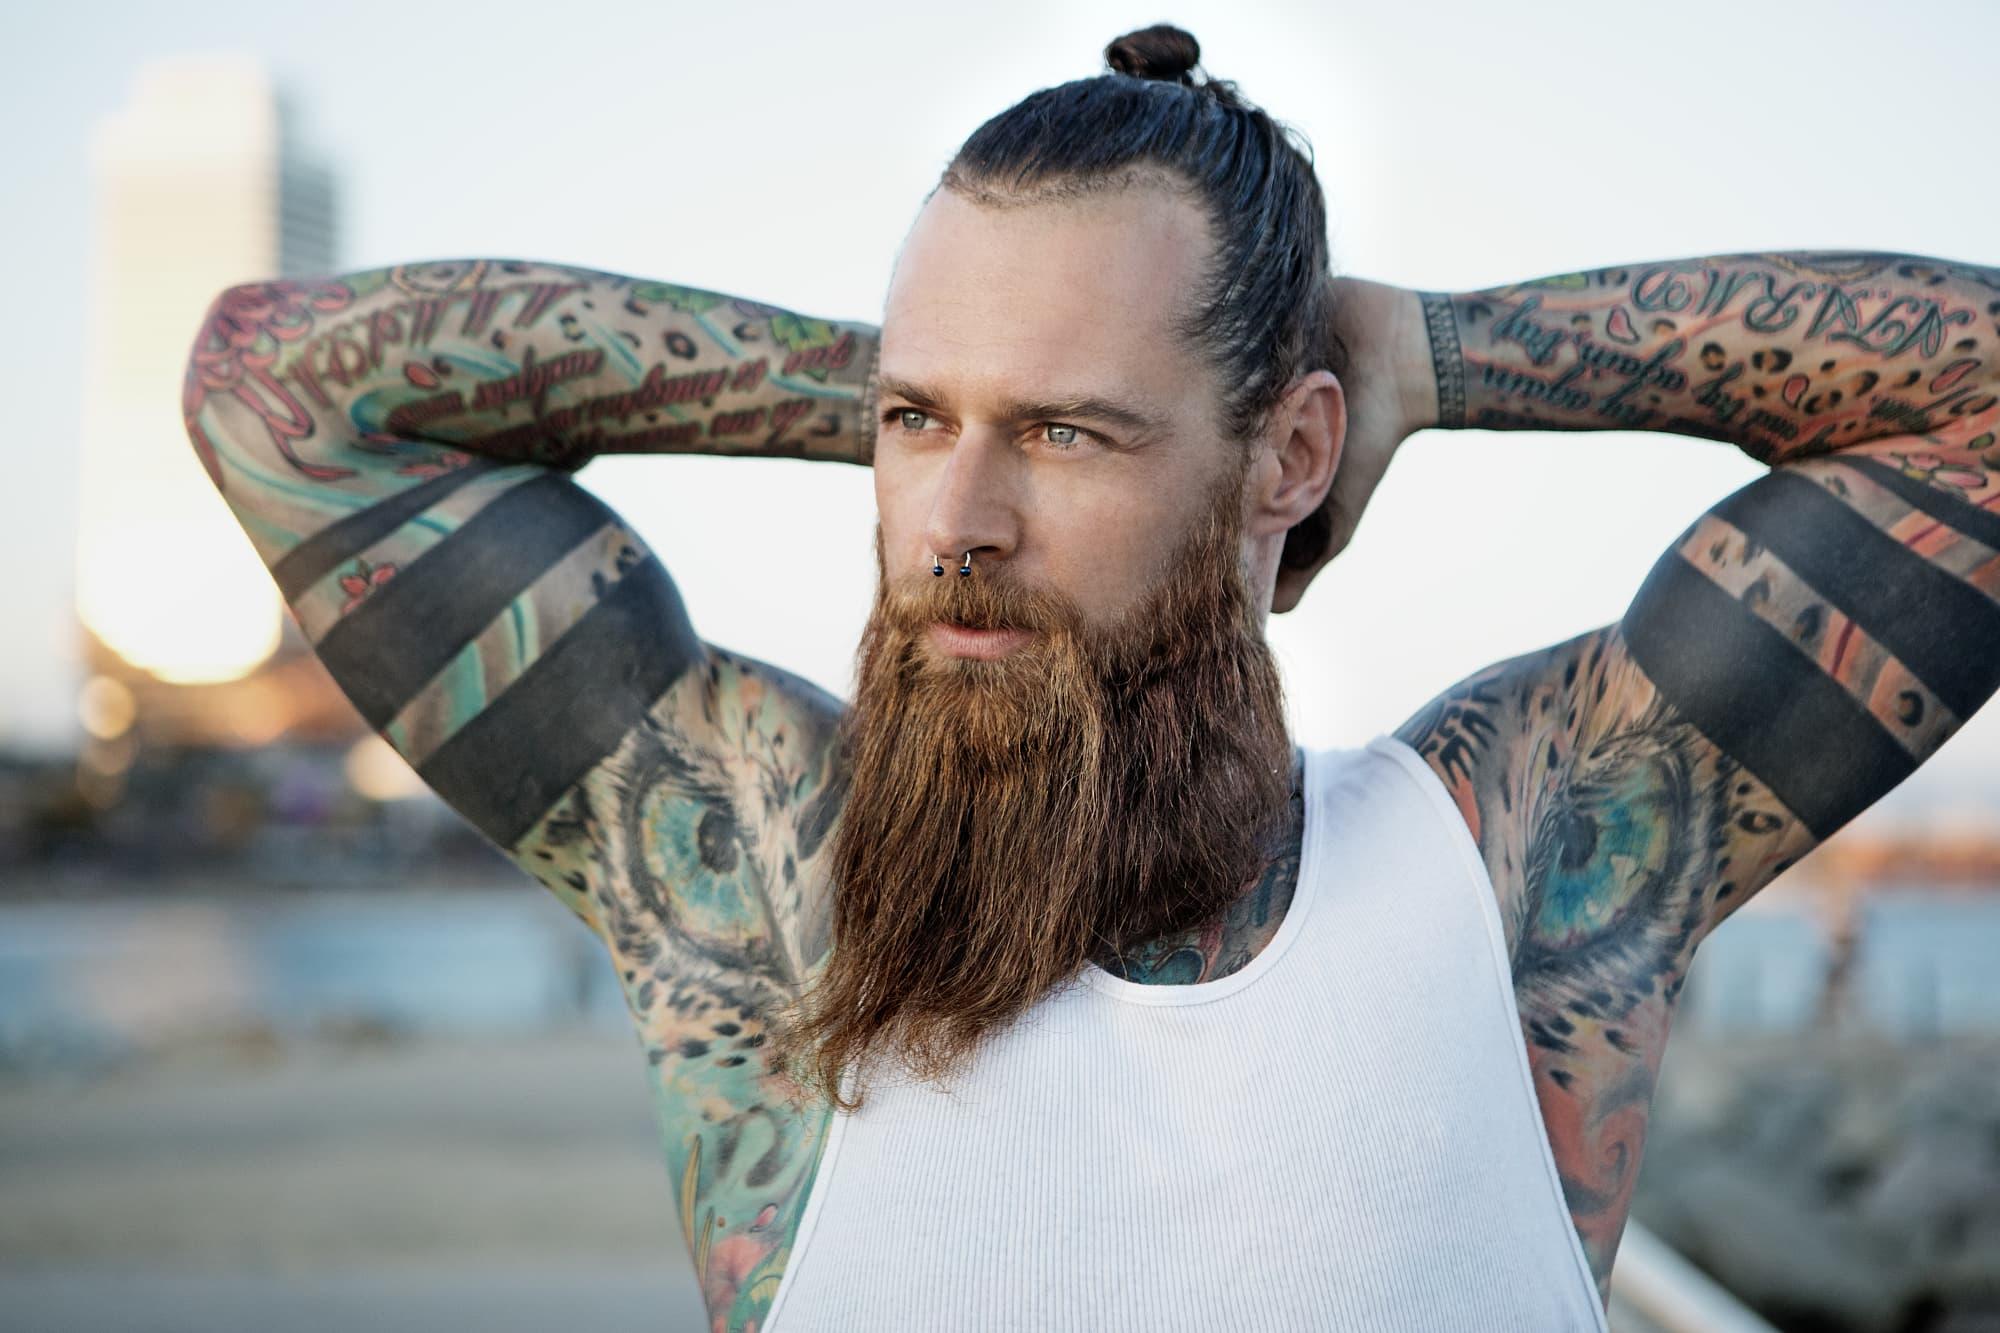 Weiter bart wächst nicht Mehr Bartwuchs: